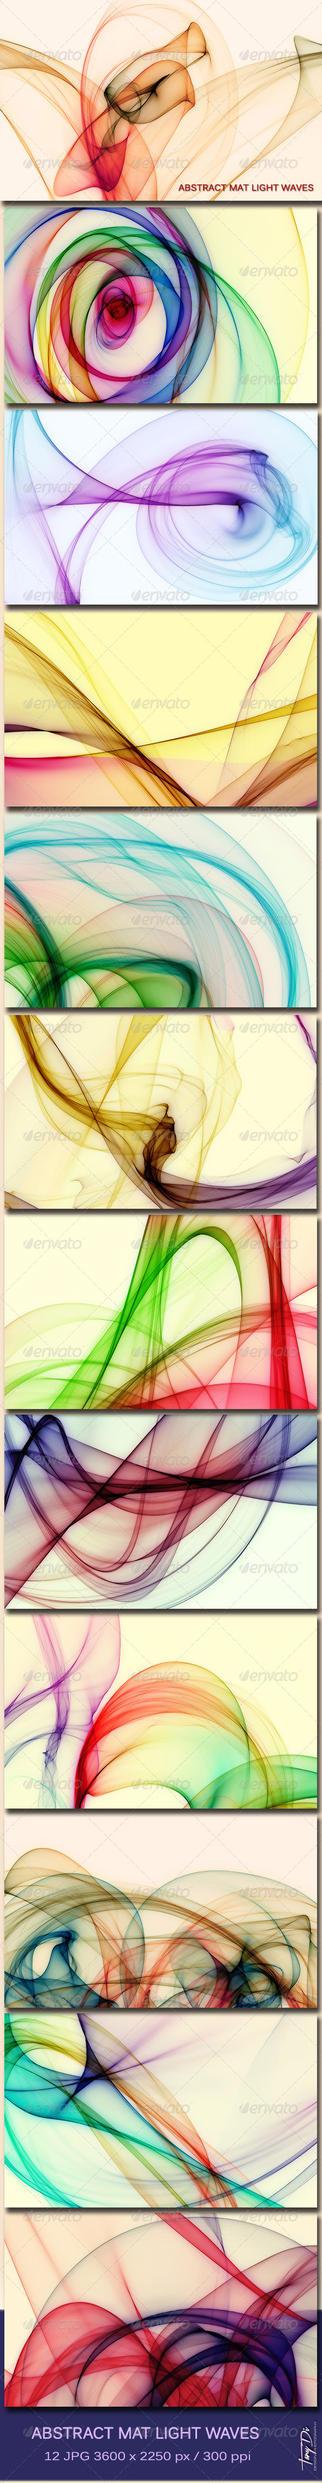 Abstract Mat Light Waves 1 by AzureRayArt